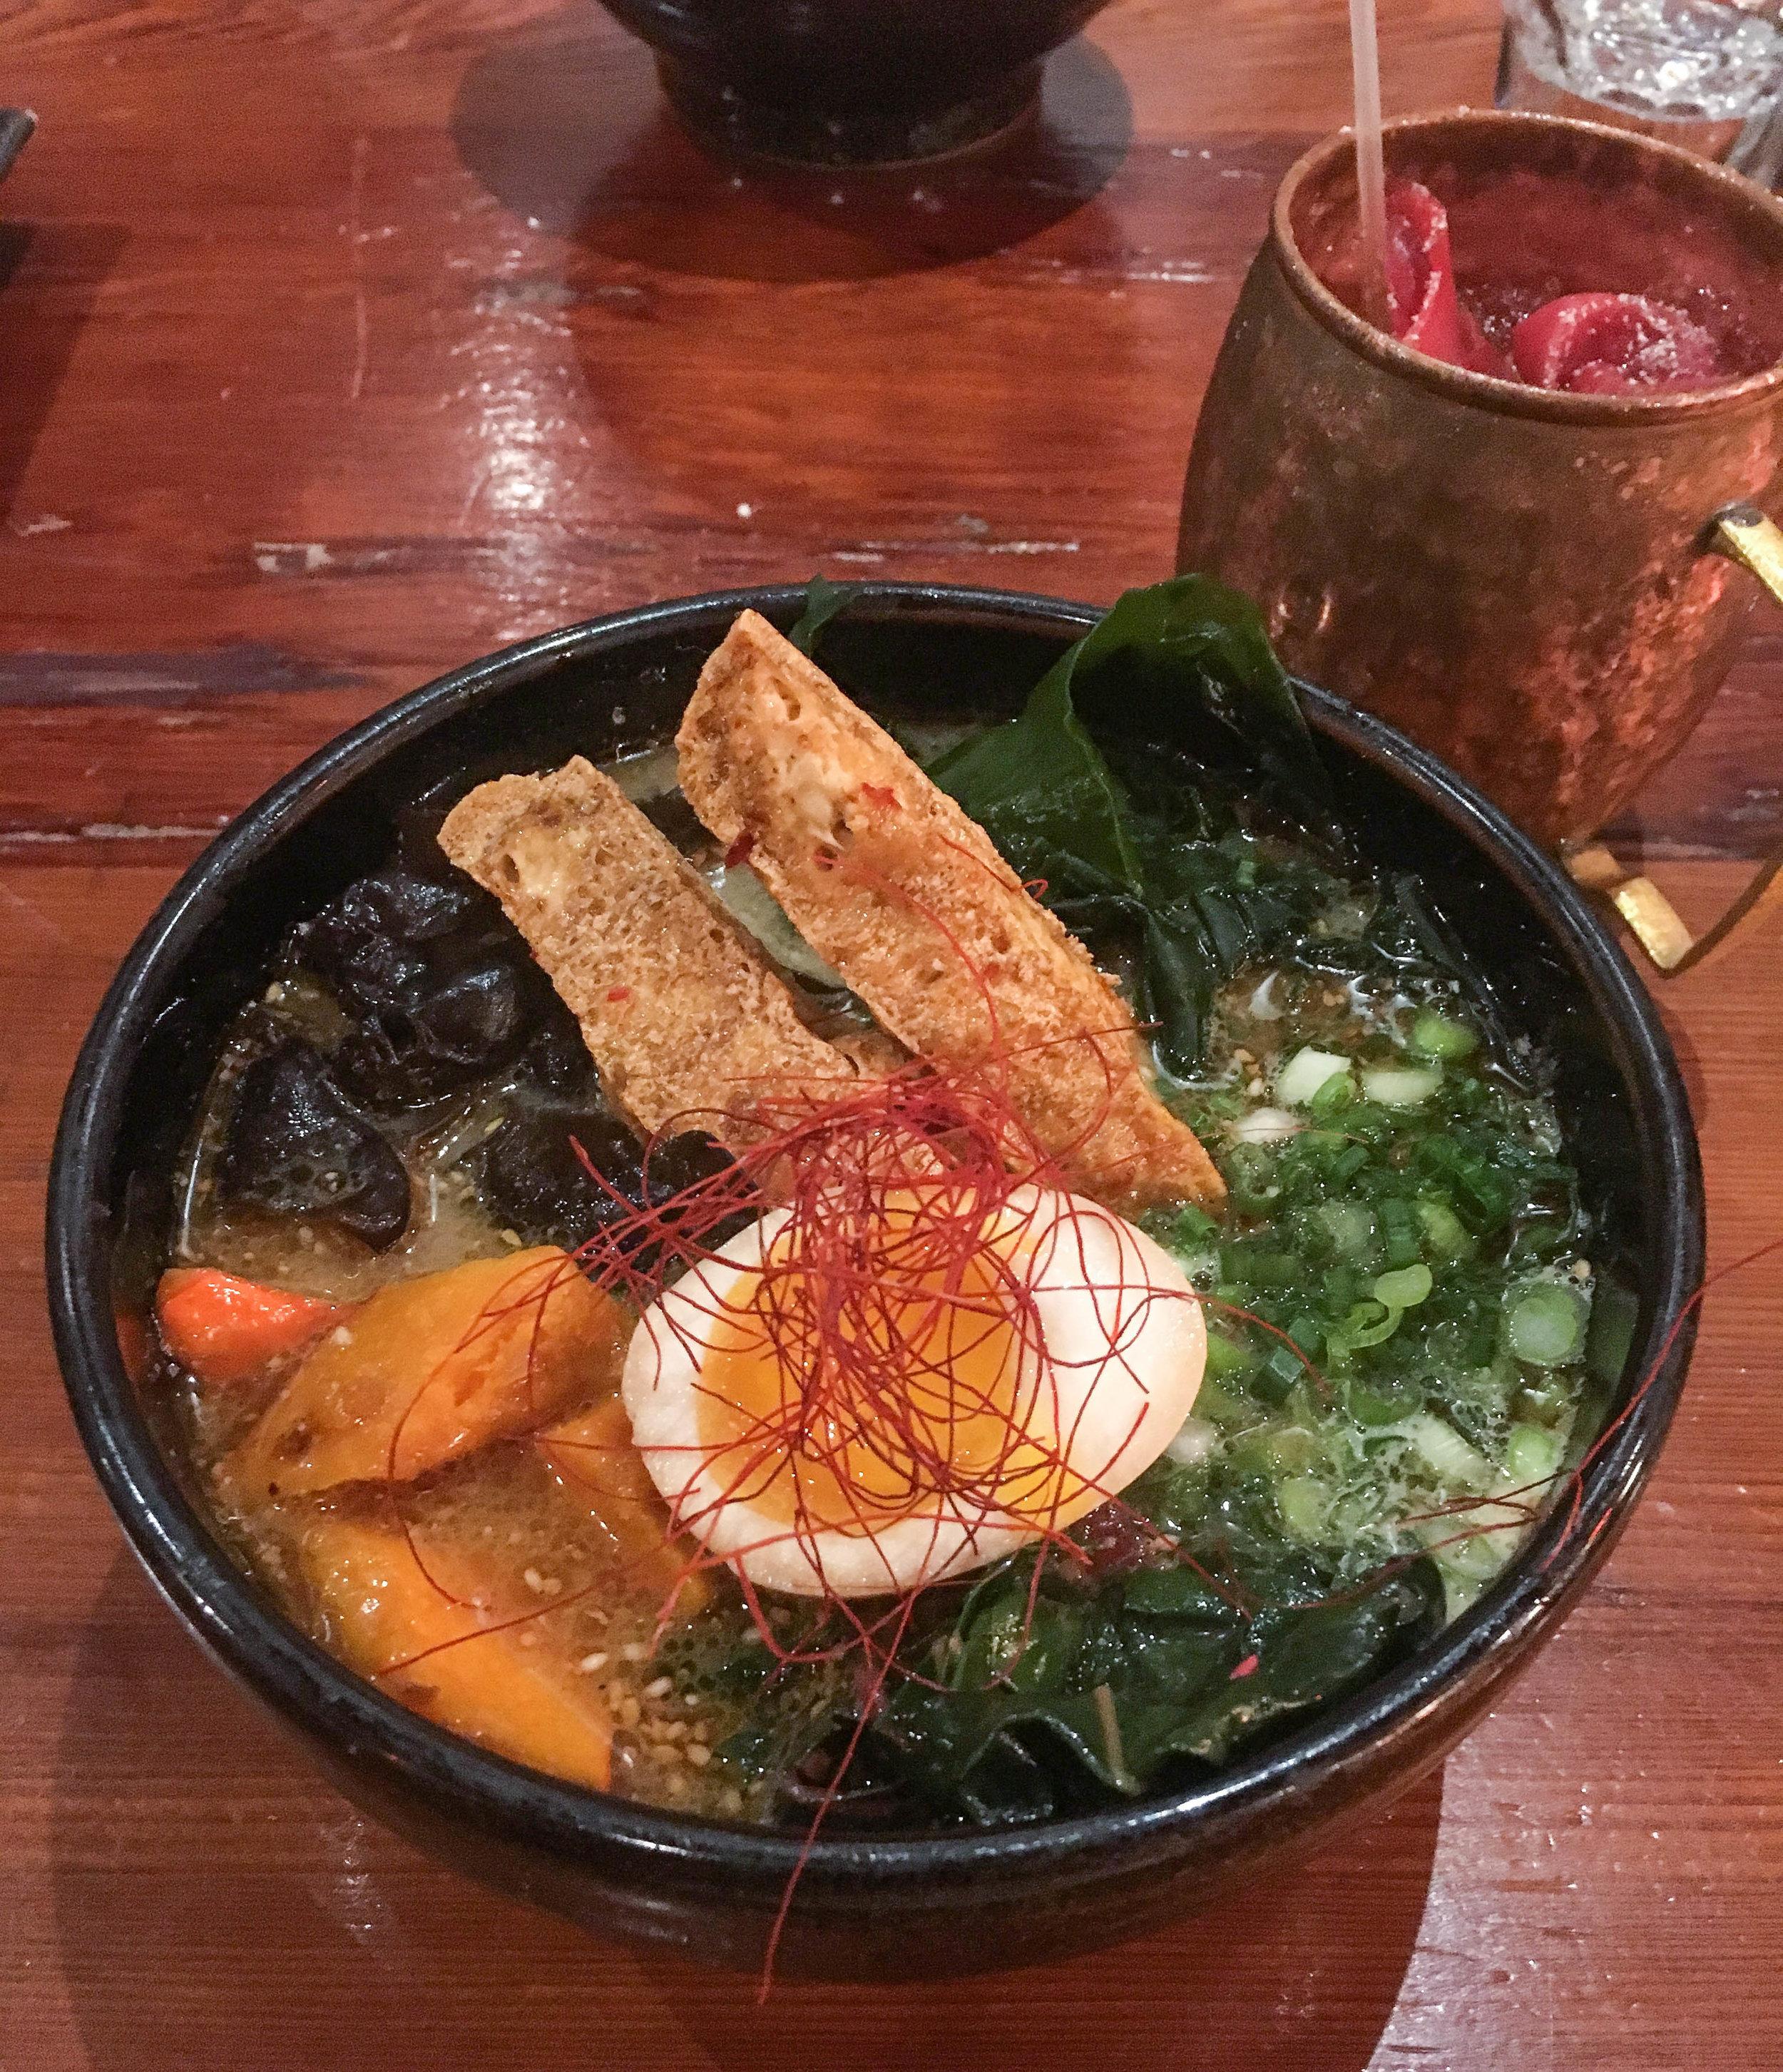 蔬菜和蔬菜蔬菜,蔬菜,烤土豆和土豆